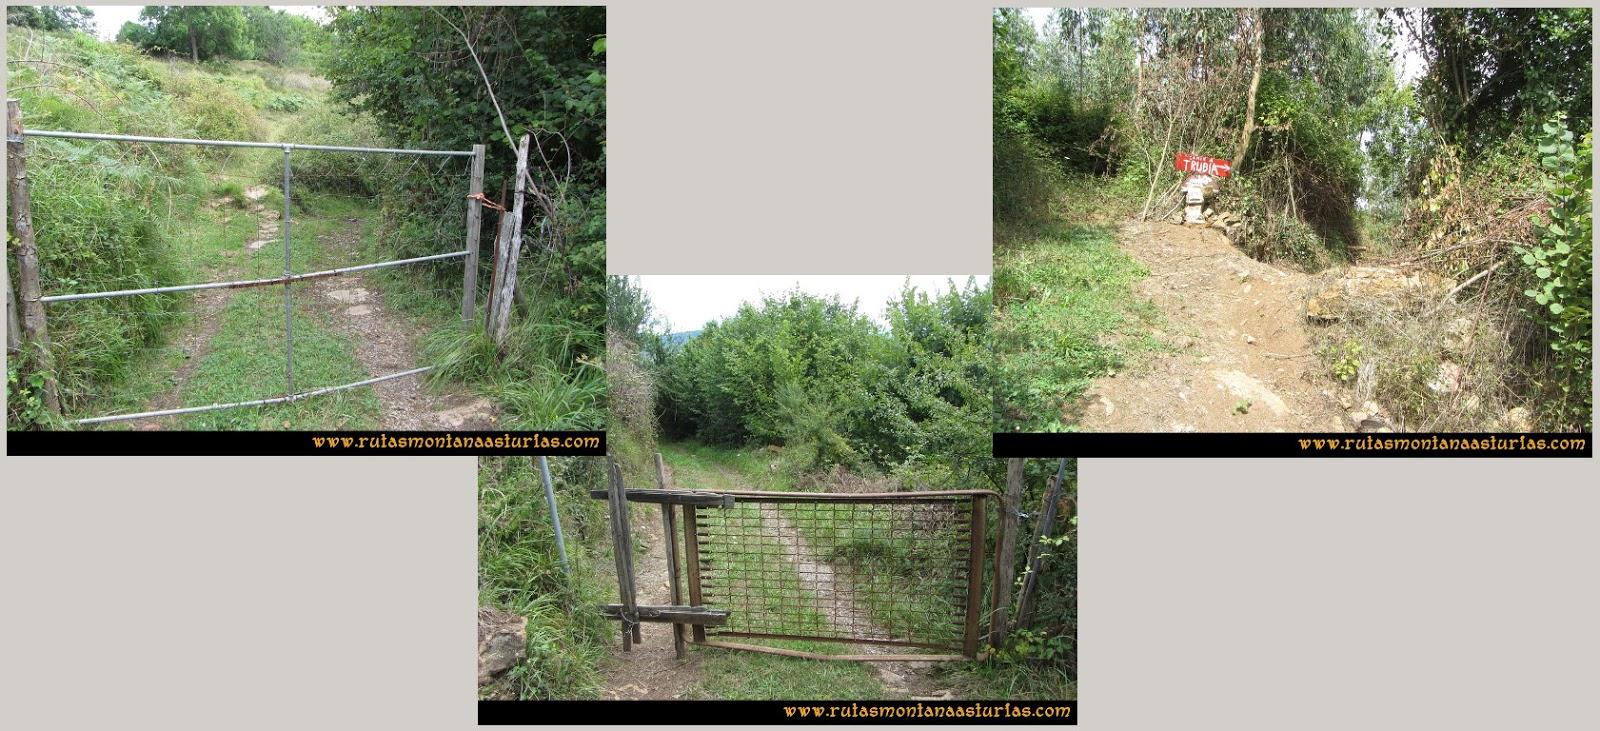 Ruta Cascadas Guanga, Castiello, el Oso: Portillas en el camino